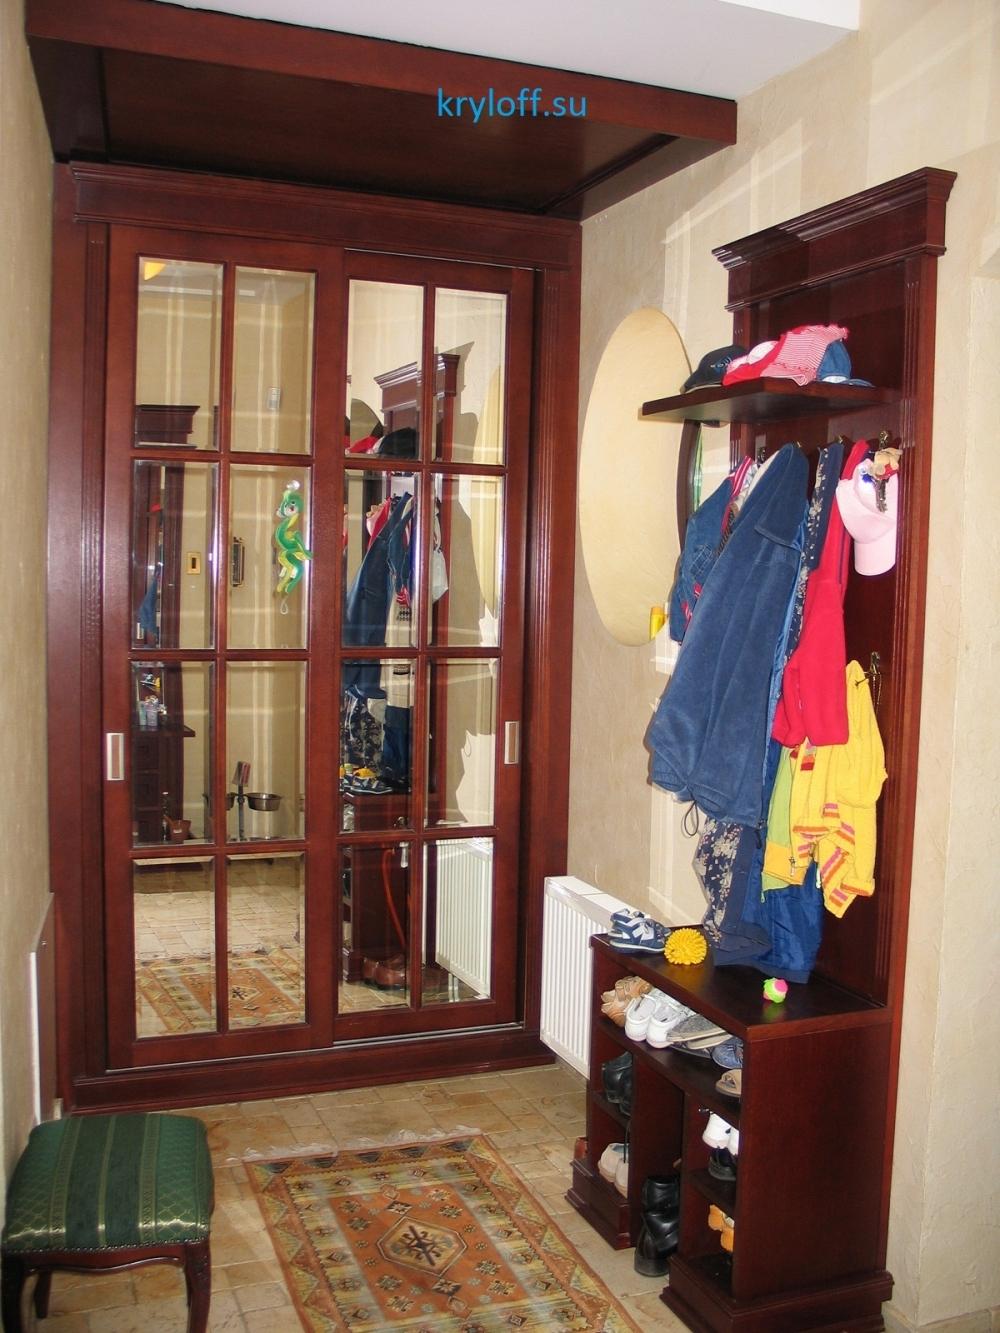 010 Встроенный шкаф для одежды в прихожей